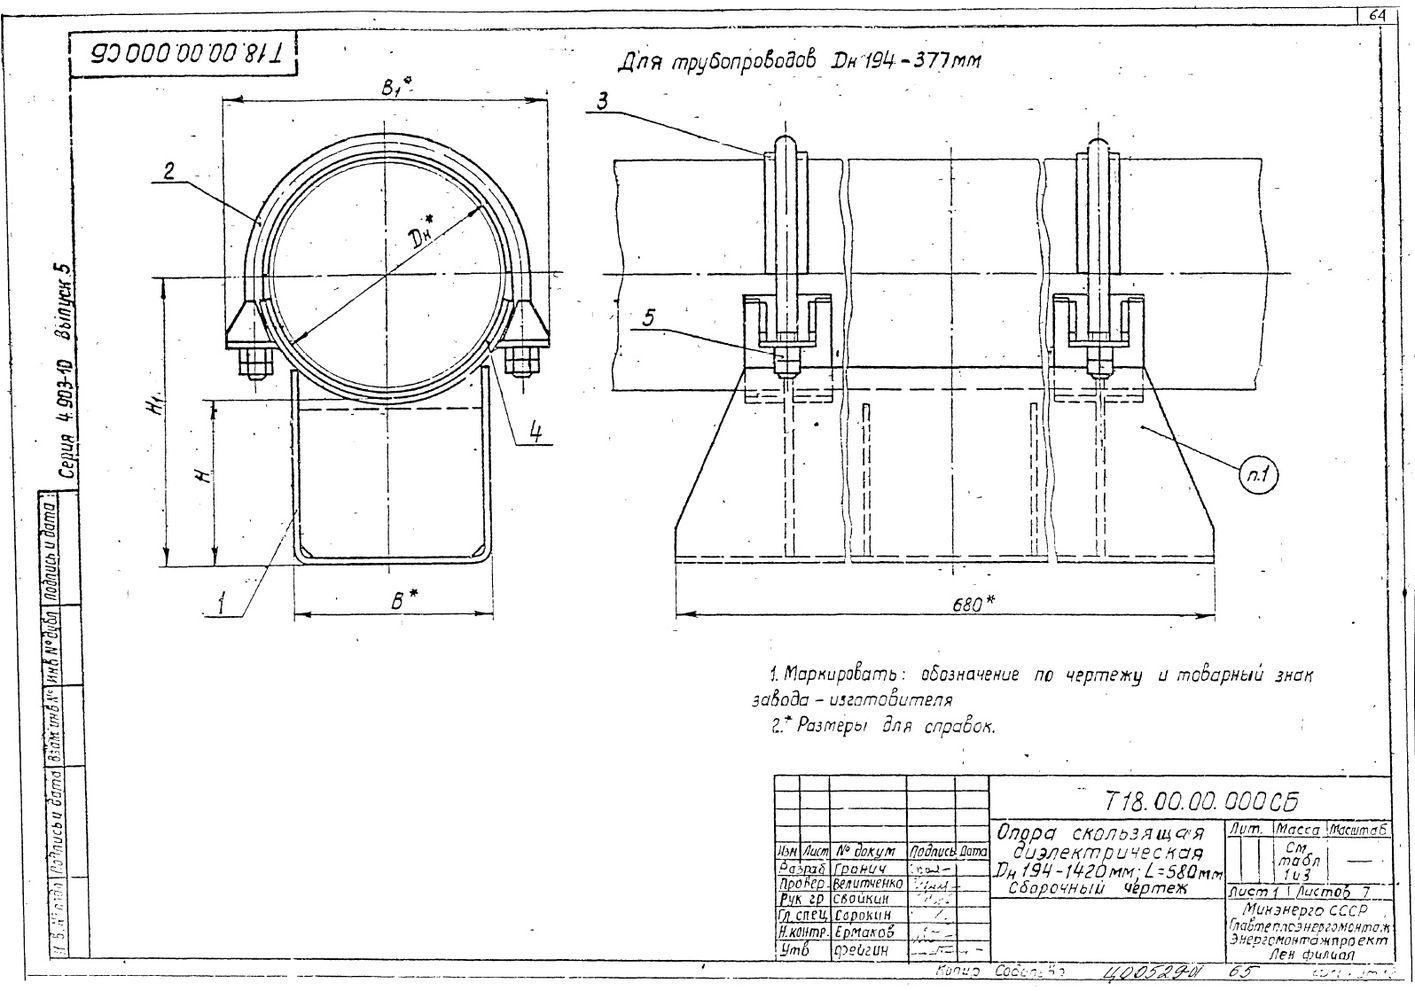 Опоры скользящие диэлектрические Т18 серия 4.903-10 вып.5 стр.1